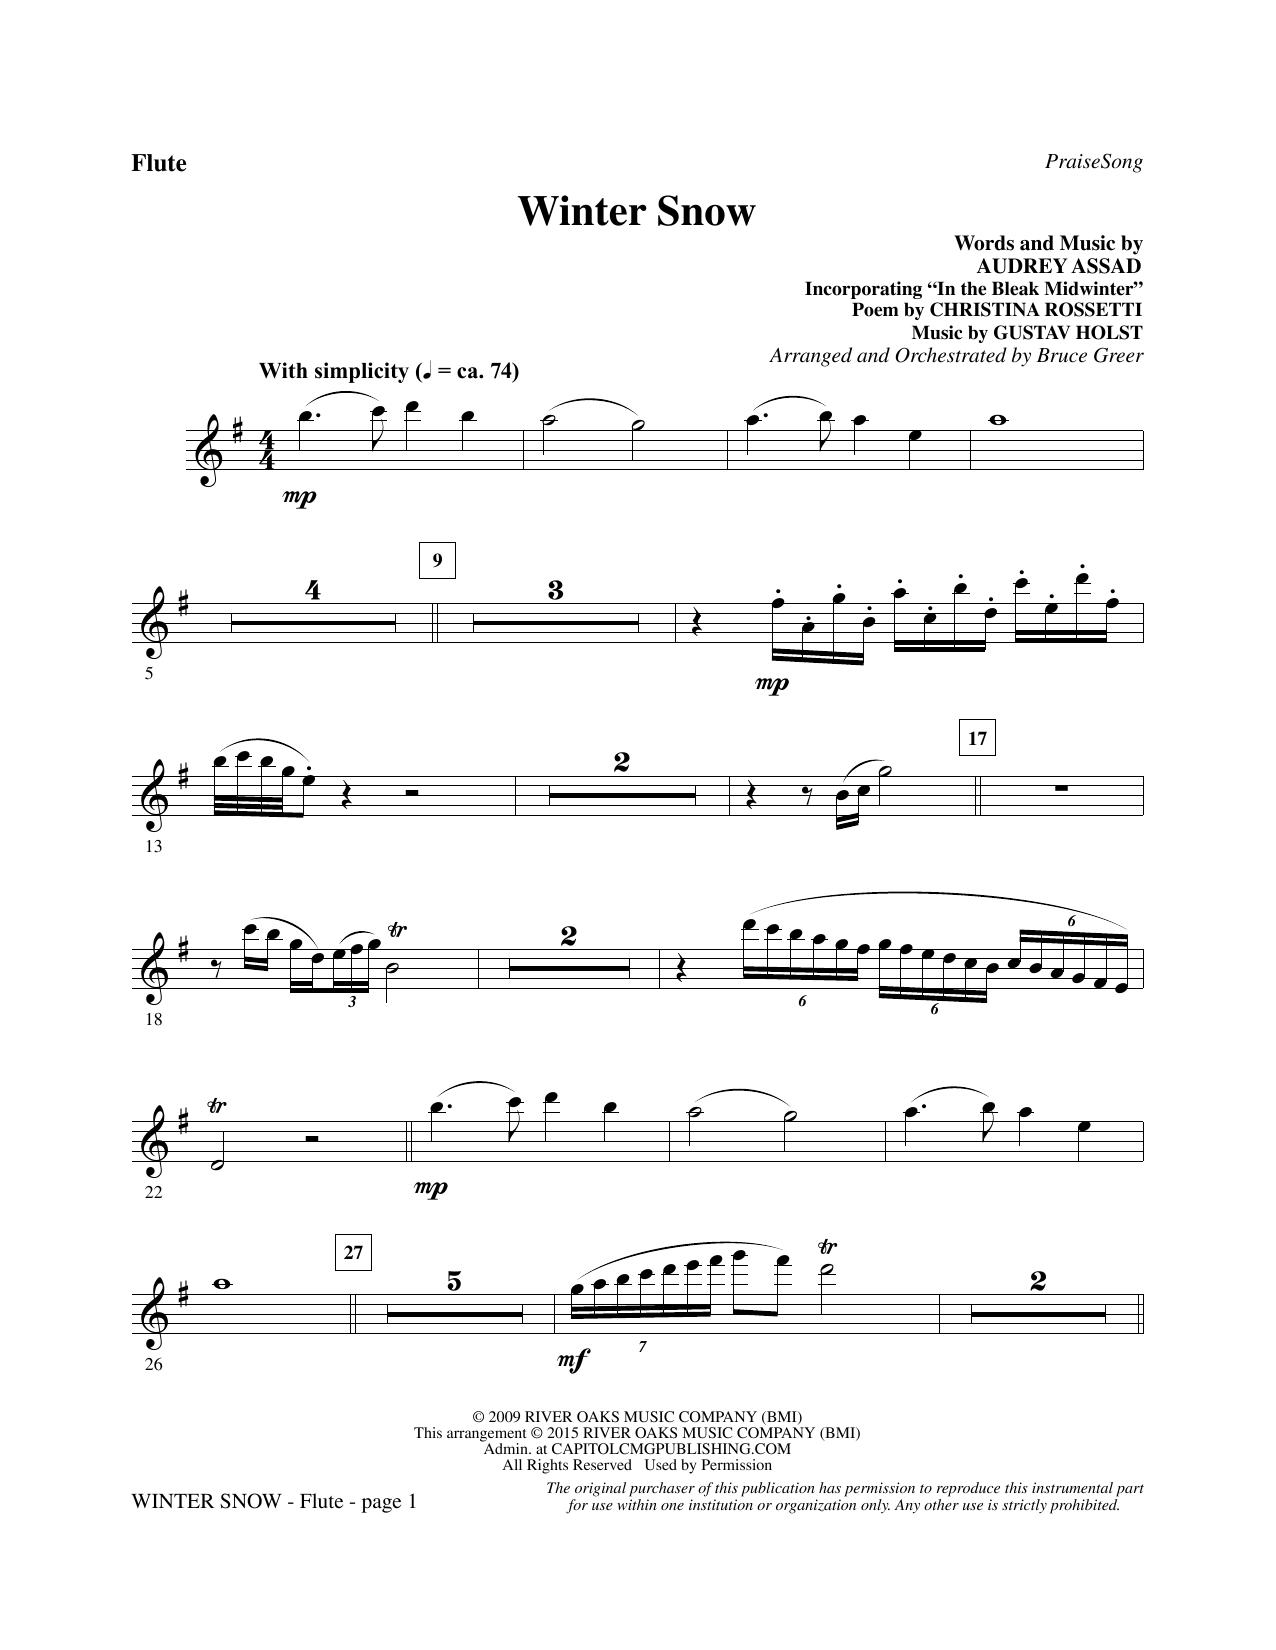 Winter Snow - Flute sheet music